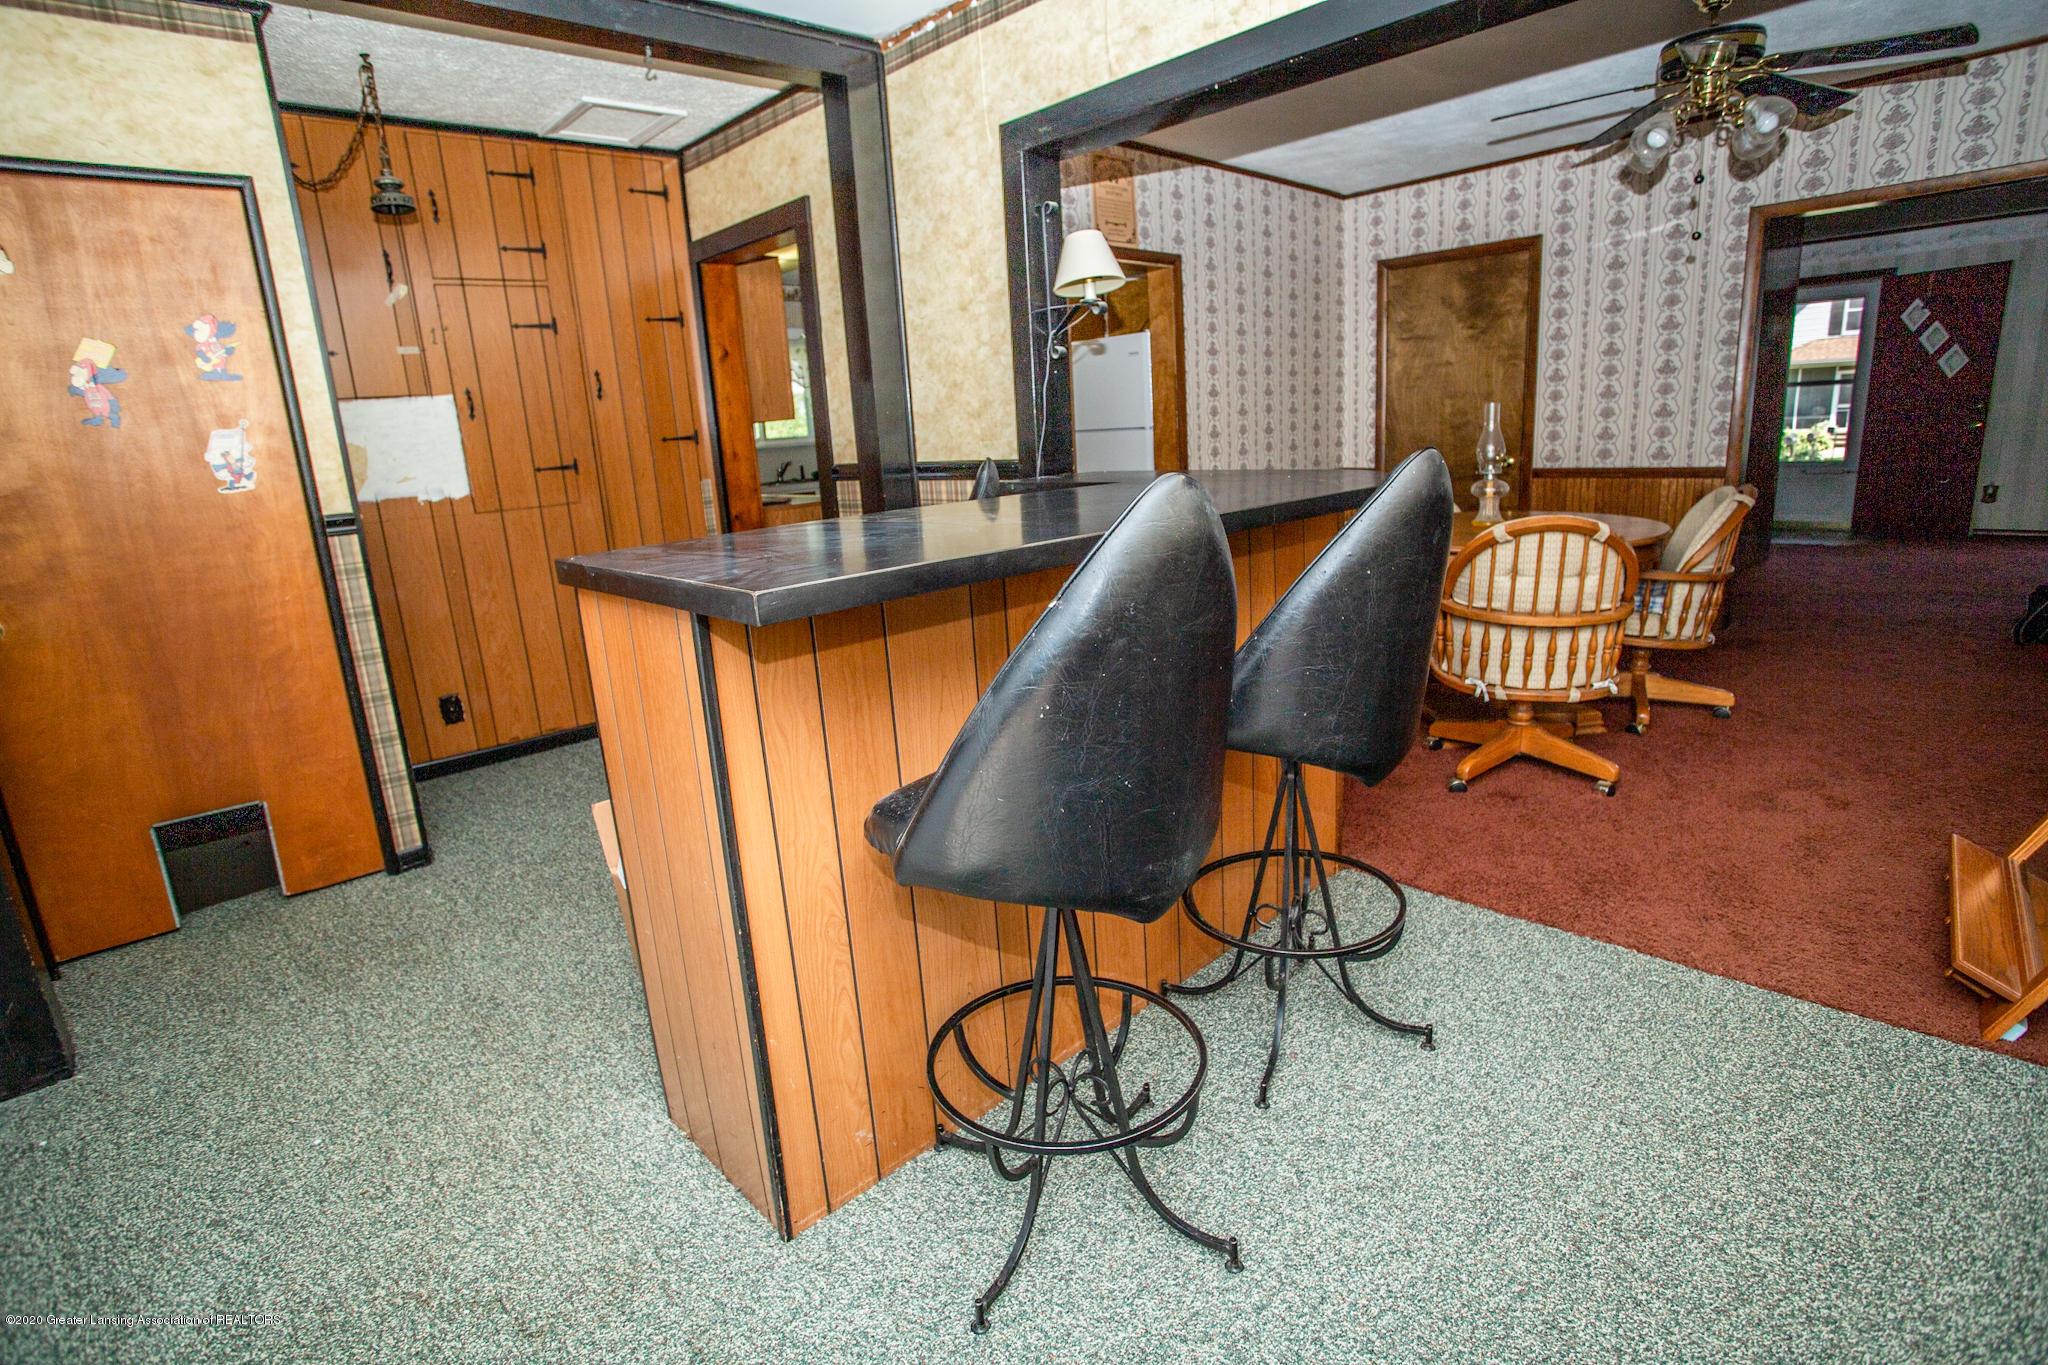 223 W Quincy St - 223 W. Quincy Bonus Room - 9